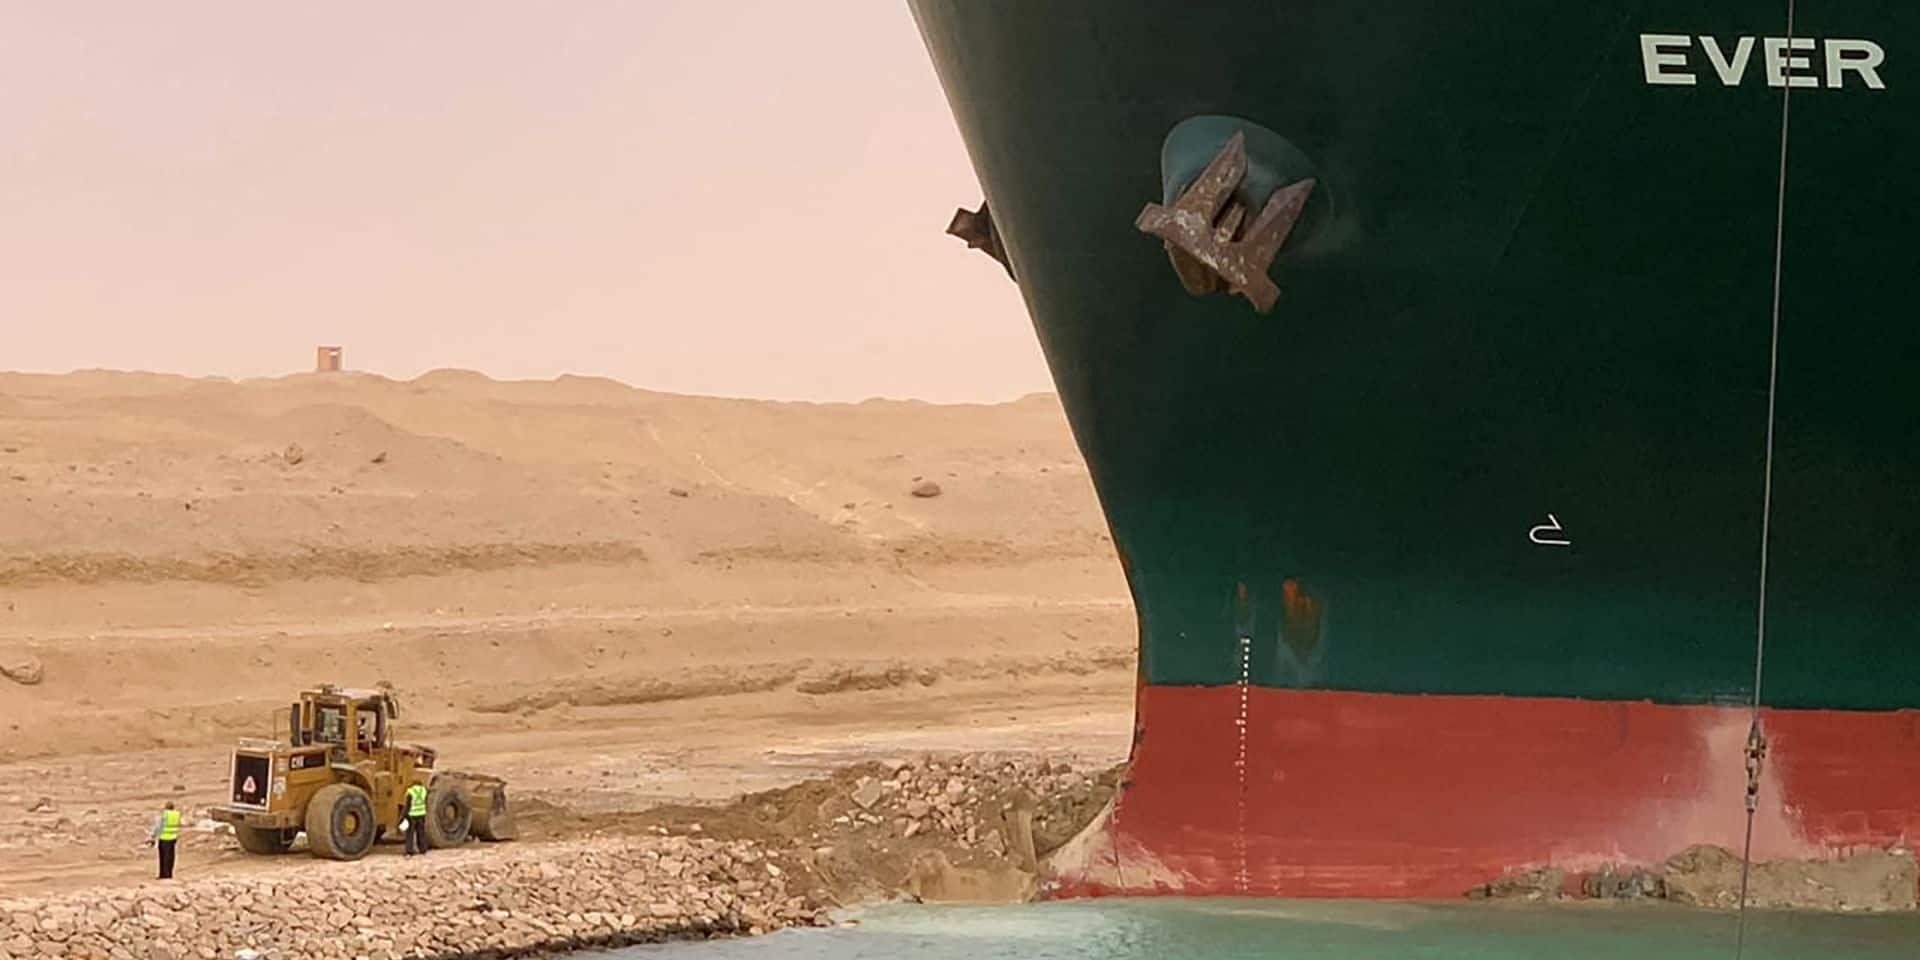 60 mètres de haut, 400 mètres de long et plus de 220 000 tonnes : c'est un véritable mastodonte qui encombre le canal de Suez.